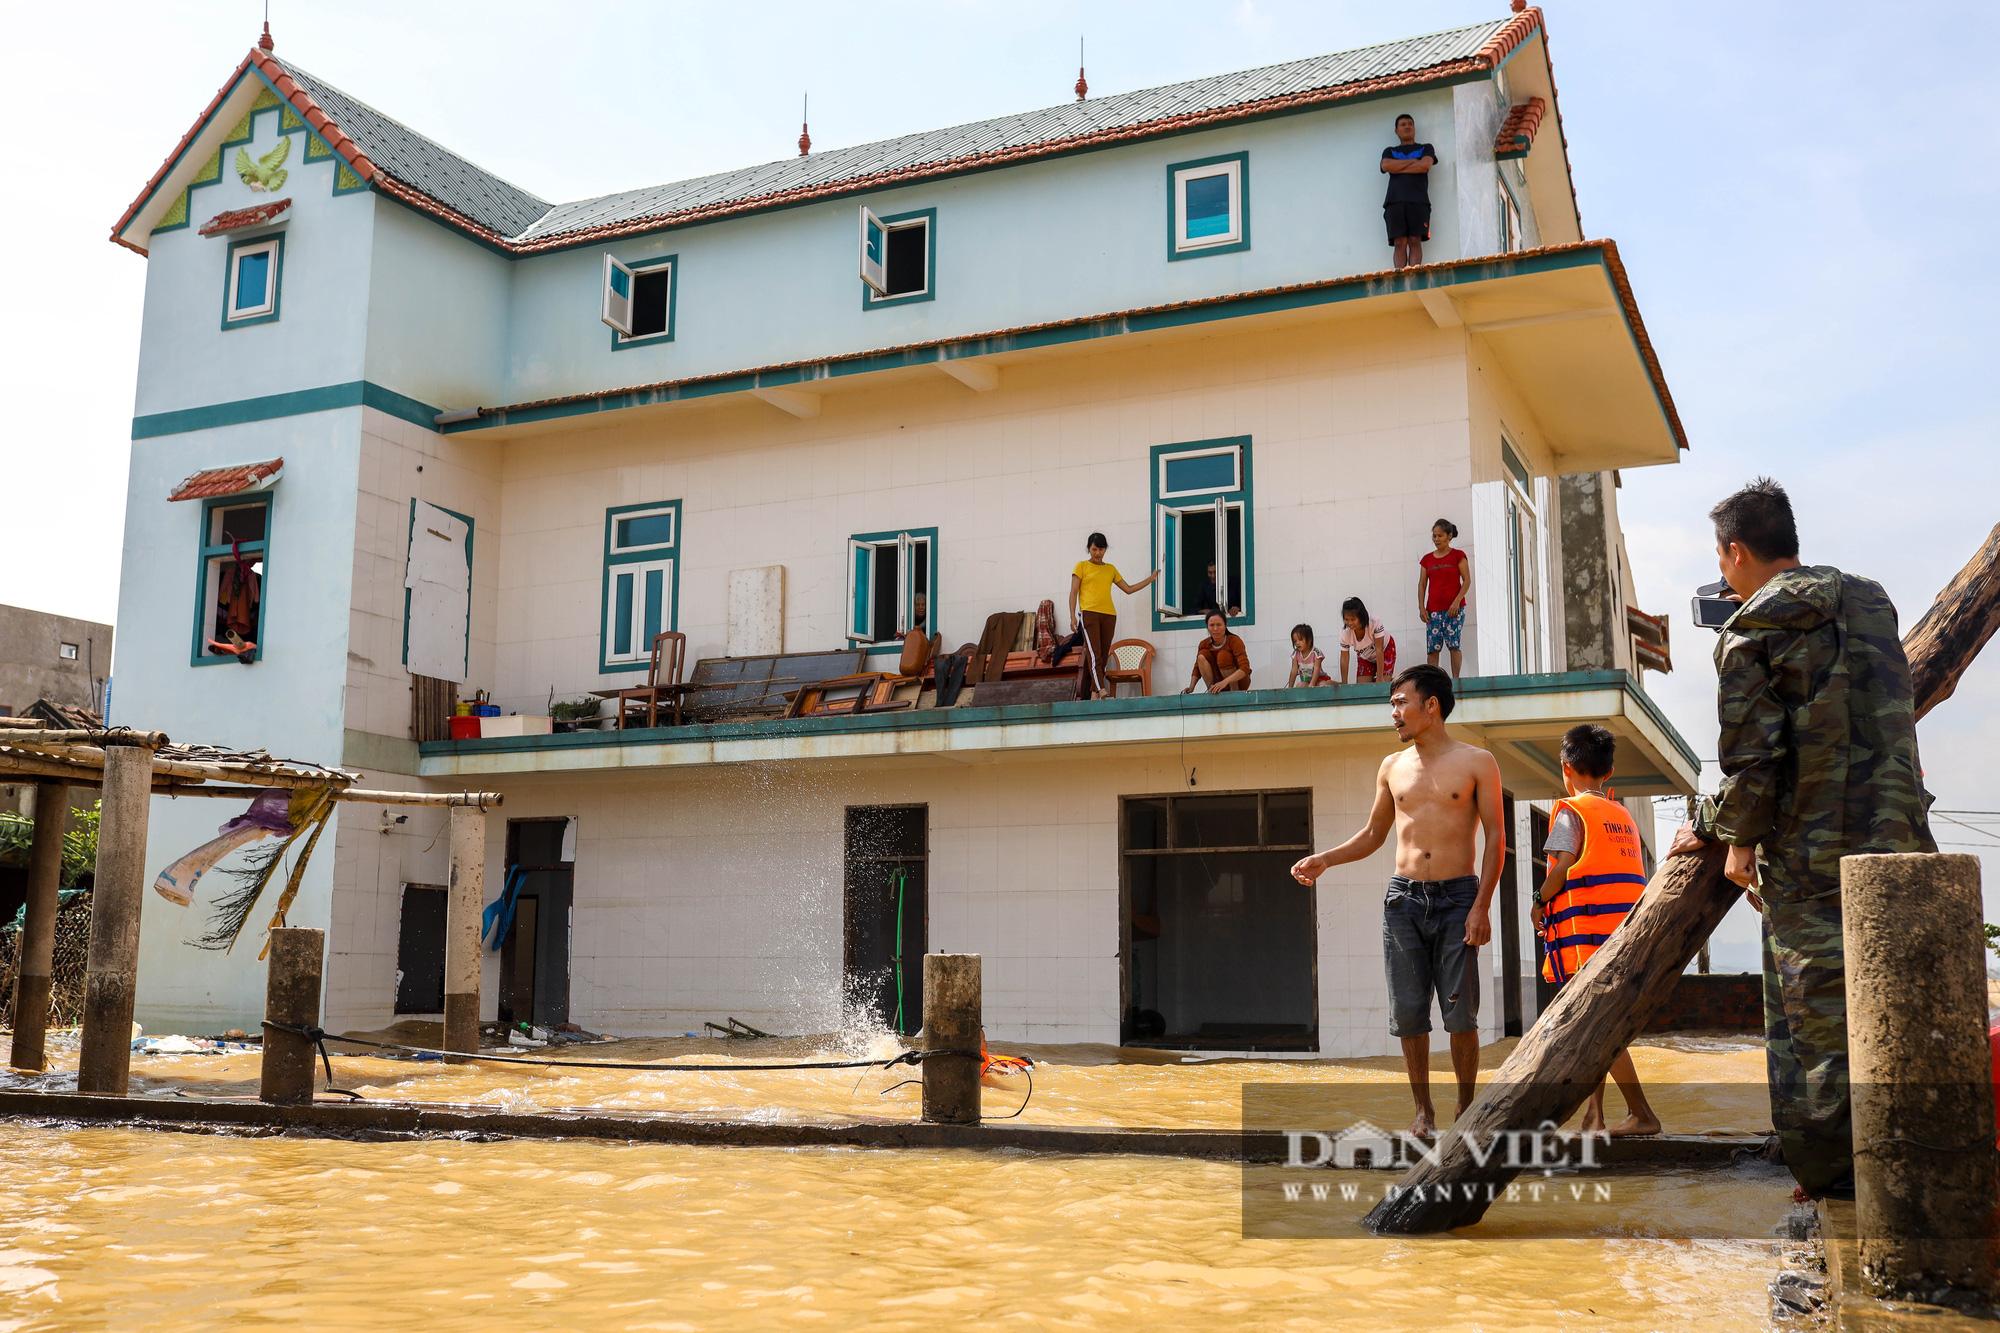 Nhà 30 người mắc kẹt trong lũ Quảng Bình vỡ òa khi có đoàn tiếp tế - Ảnh 6.